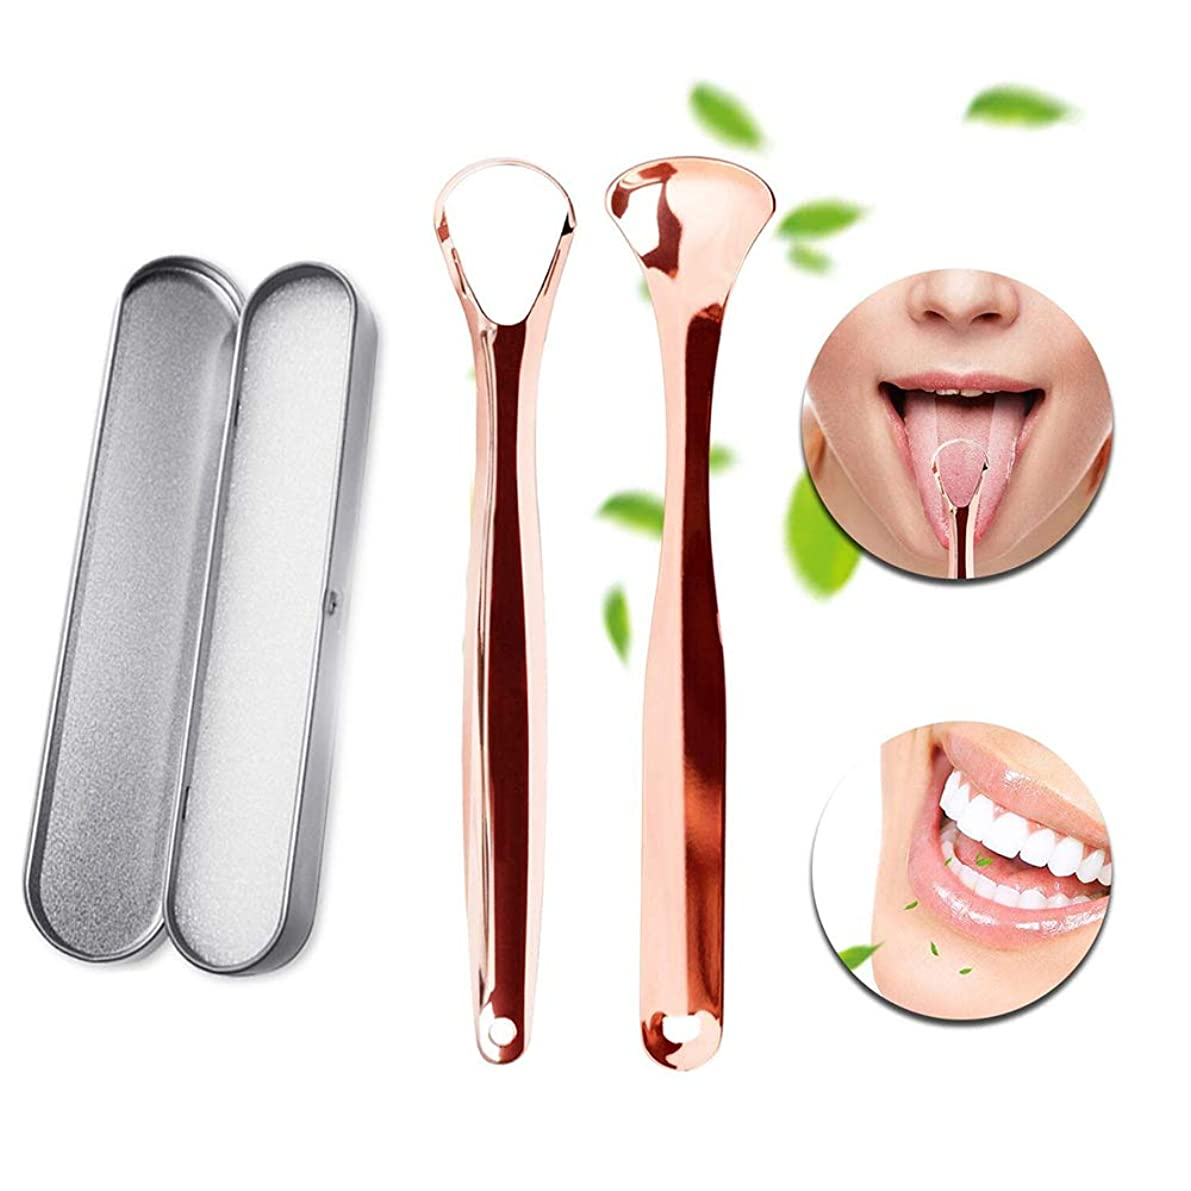 動機付けるトリクル電圧舌スクレーパークリーナー-キャリングケース付きステンレススチールオーラルクリーナーセット-口臭を抑え、新鮮な息を止め、口腔疾患を予防する